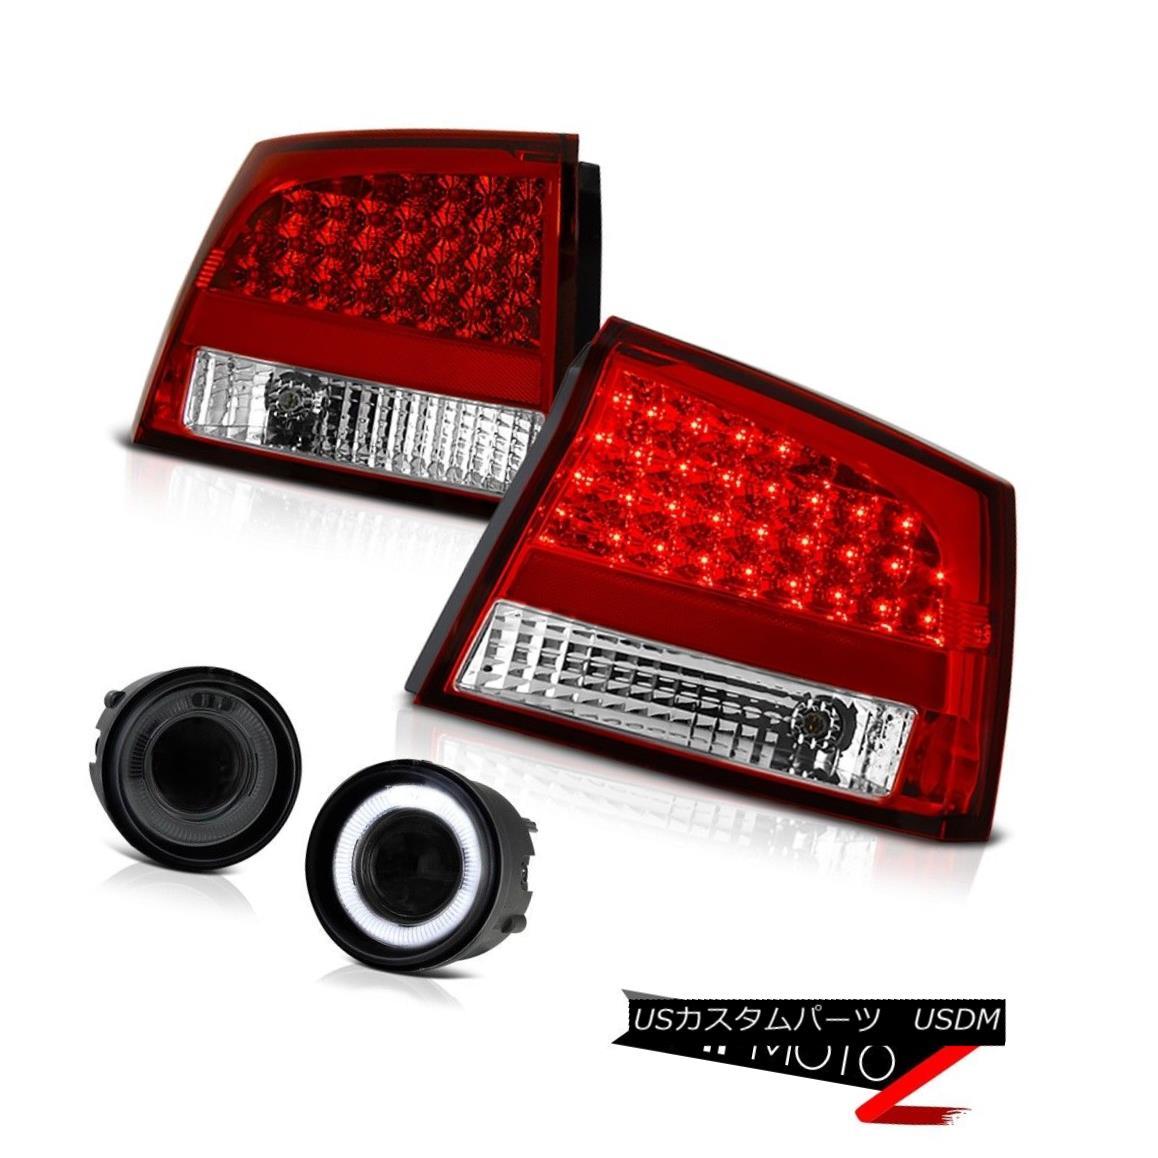 テールライト 06 07 08 Dodge Charger 2.7L Bright LED Tail Lights Smoke Angel Eye Projector Fog 06 07 08ダッジチャージャー2.7L明るいLEDテールライトスモークエンジェルアイプロジェクターフォグ